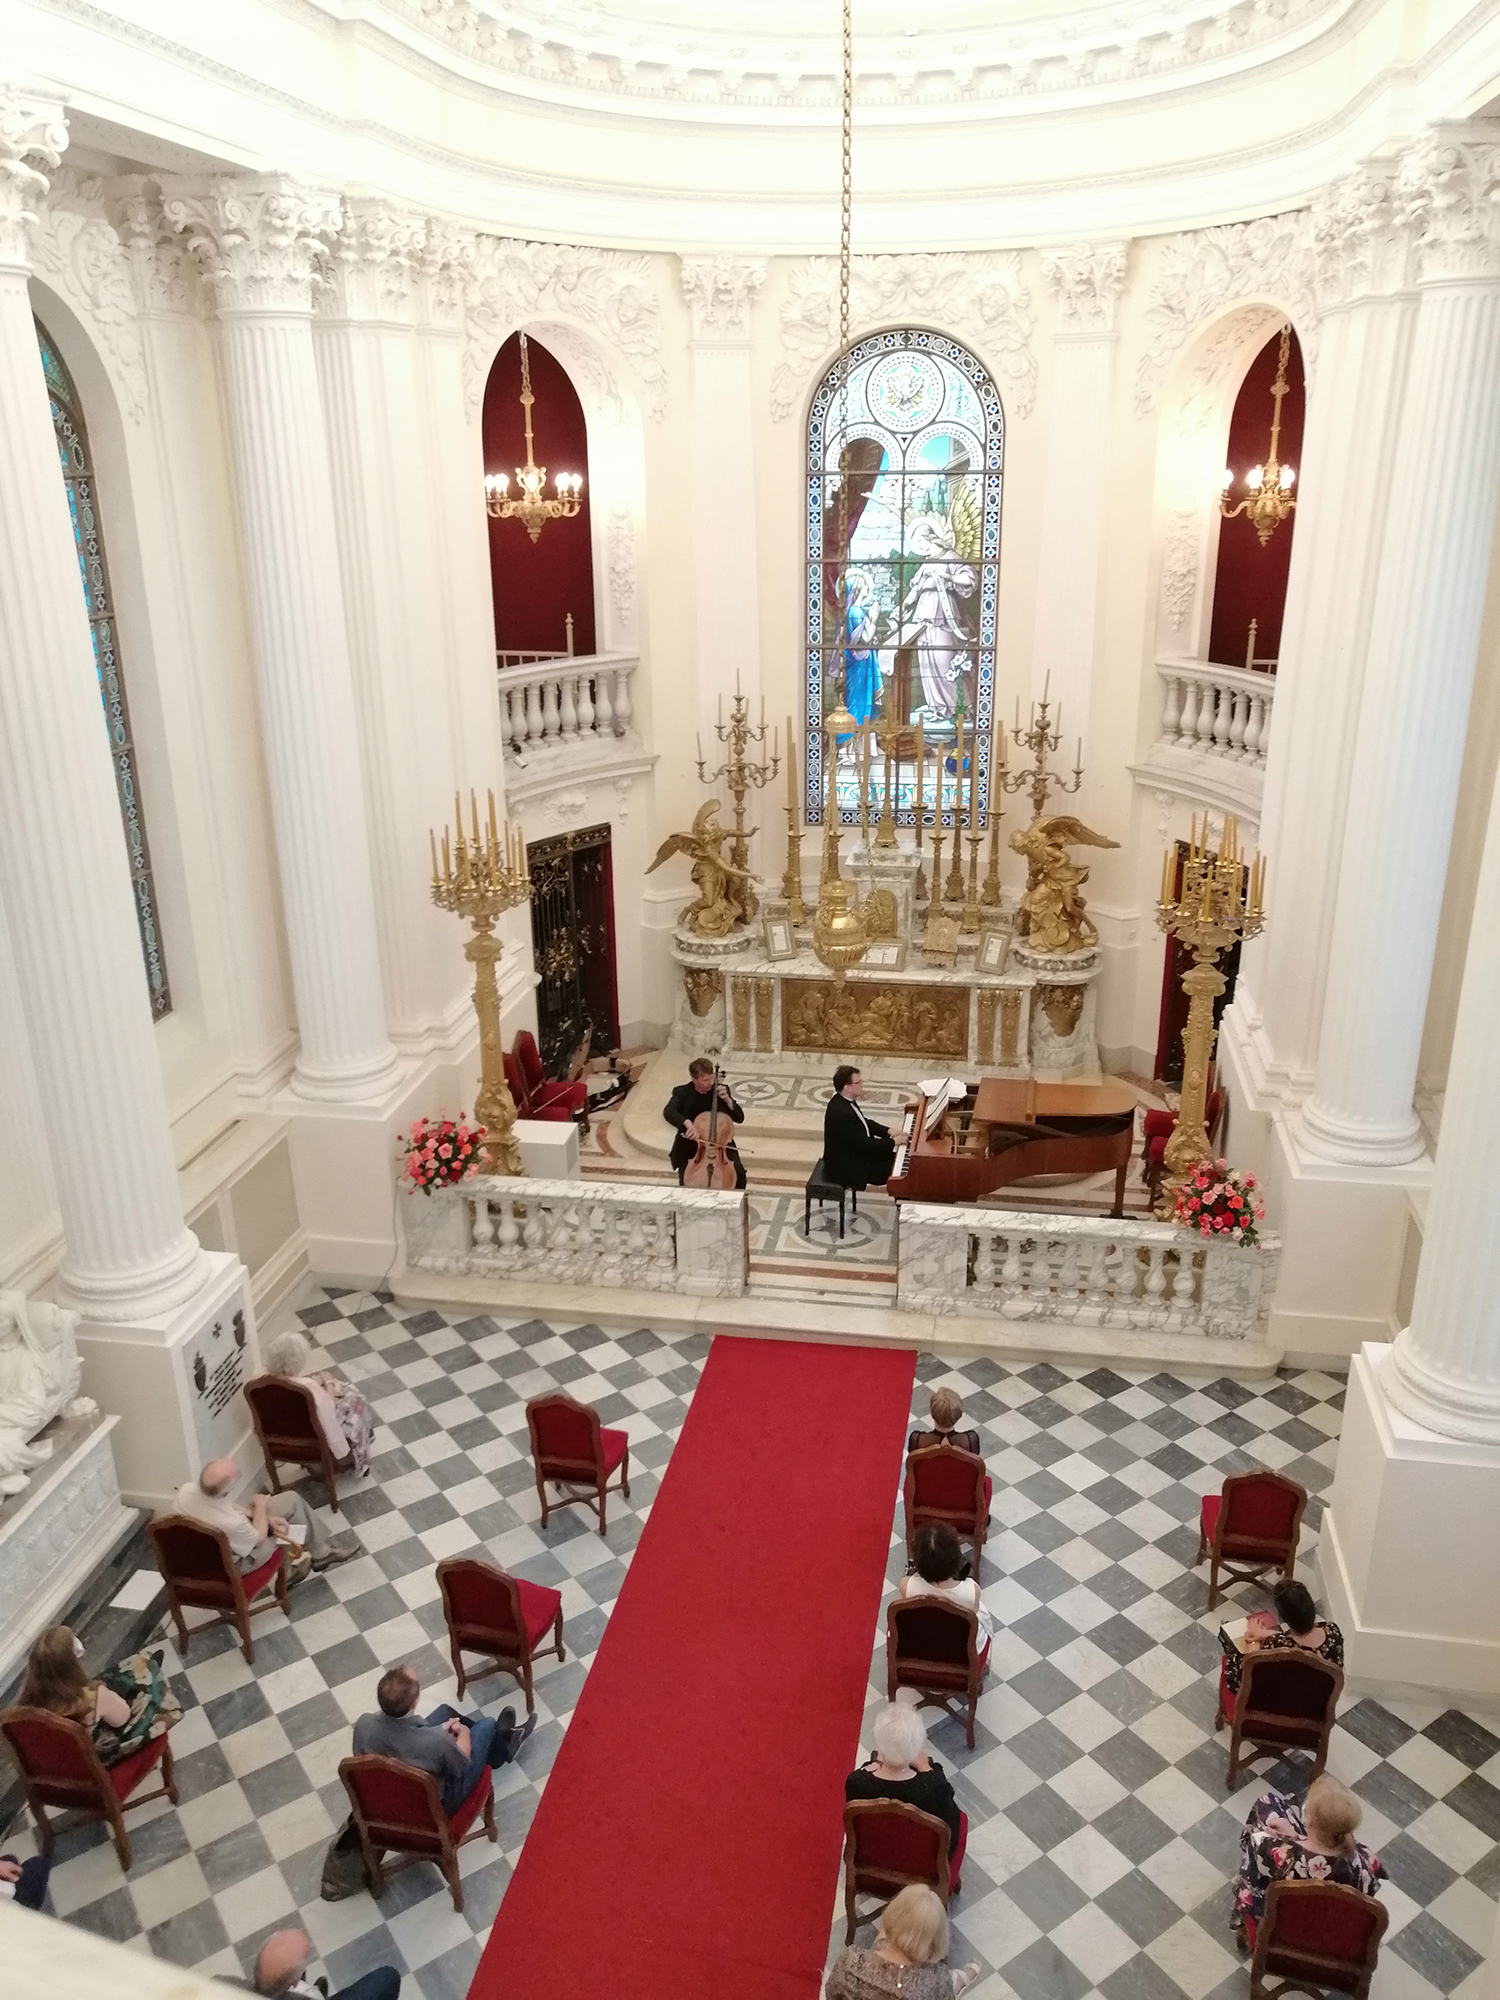 Fotografia z wysokości. Wnętrze jasnej kaplicy. W prezbiterium dwóch artystów. Po prawej stronie mężczyzna grający na fortepianie, po lewej stronie na wiolonczeli. W nawie głównej siedzący pojedynczo, w równych odległościach od siebie słuchacze.